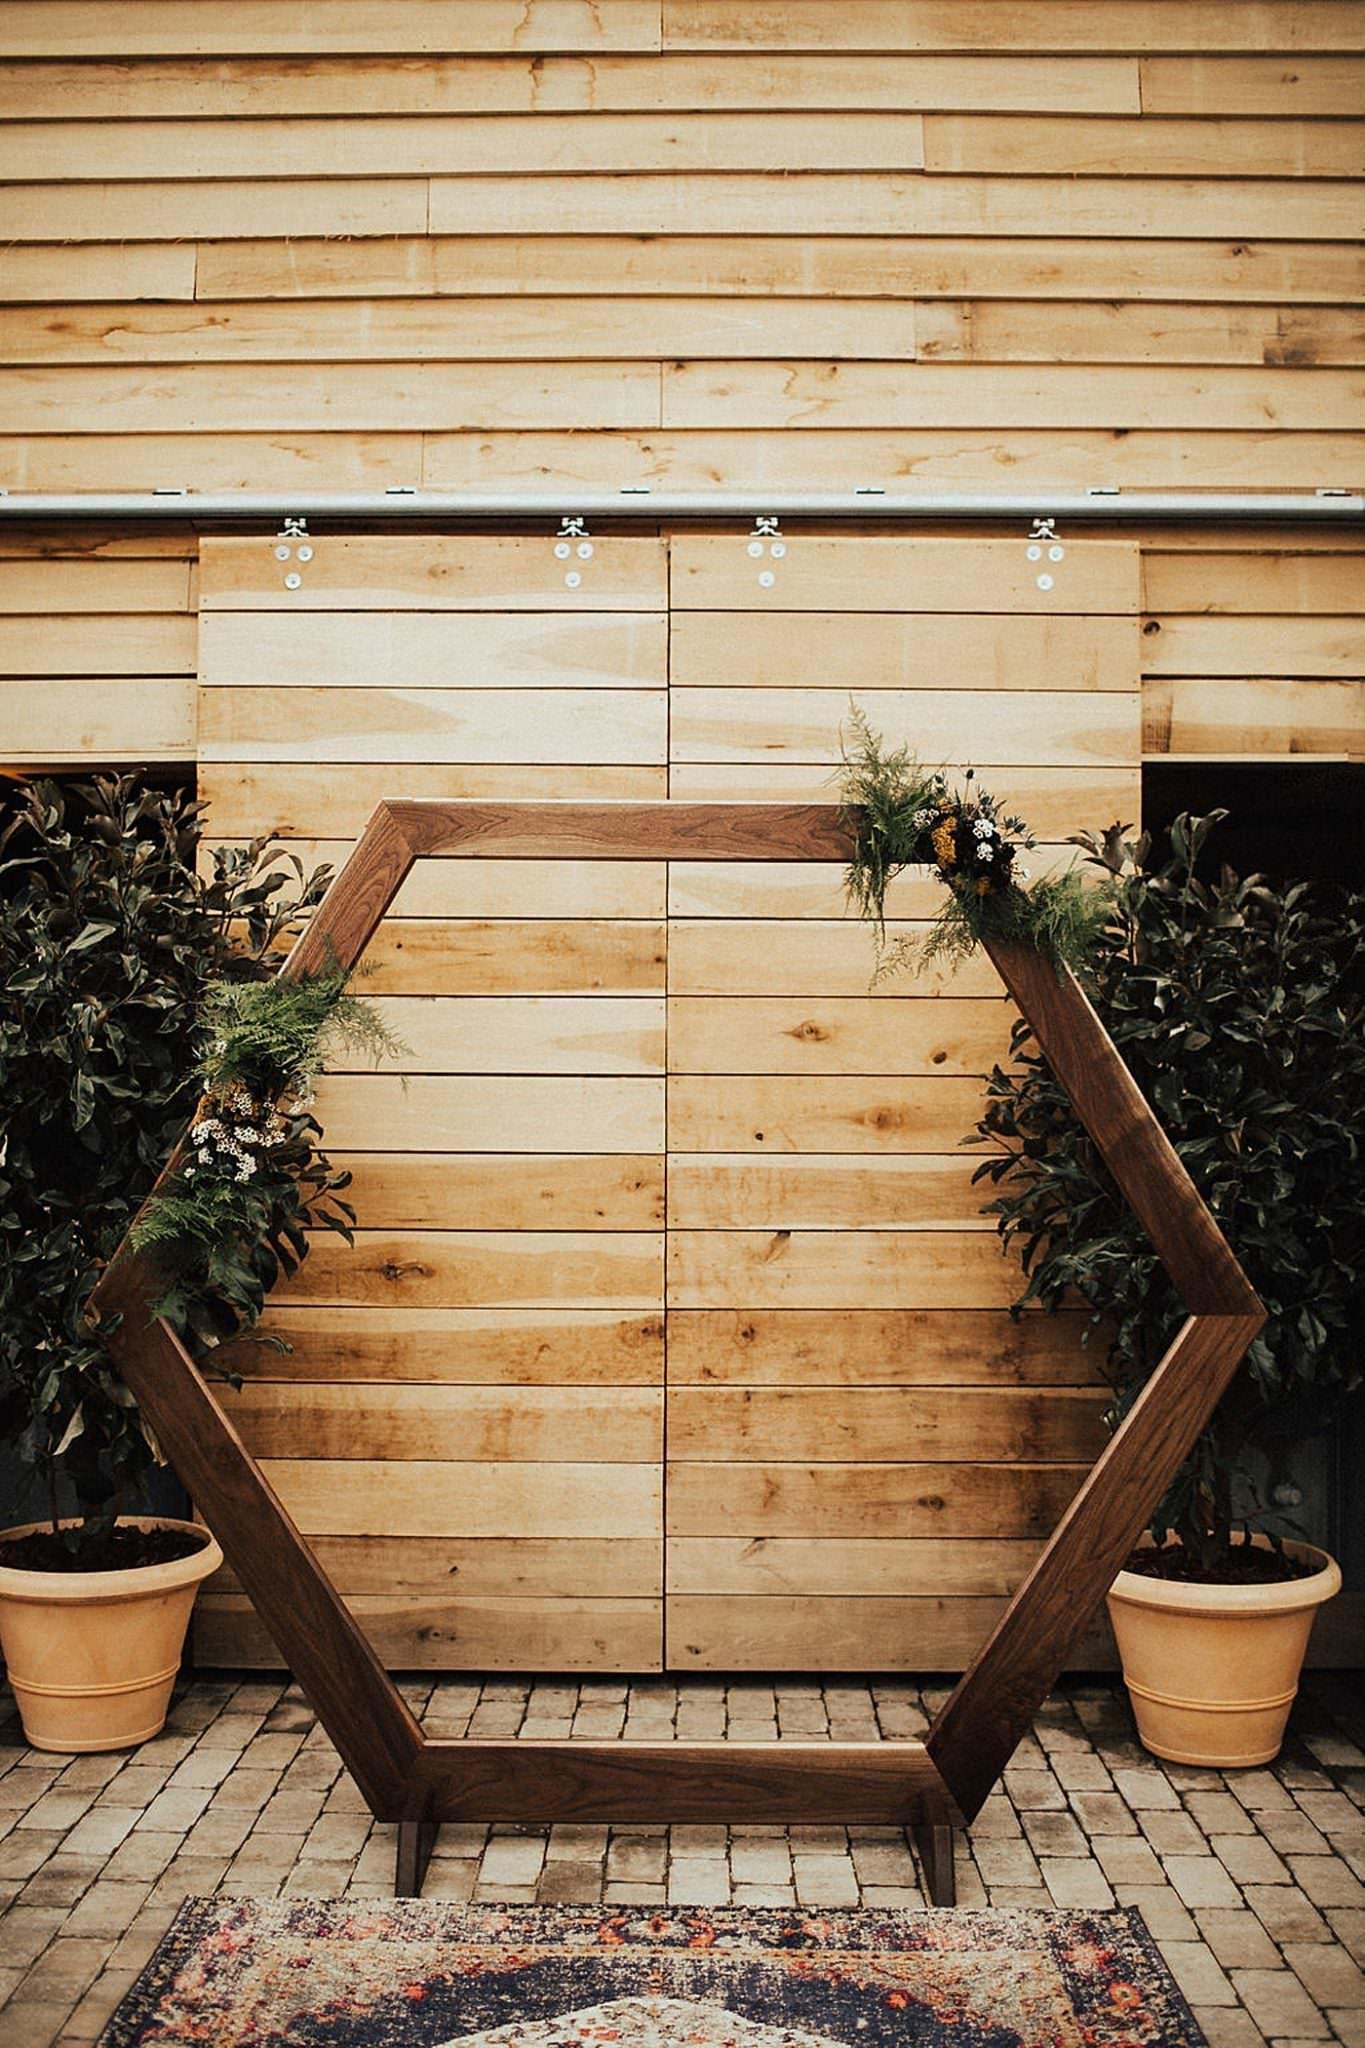 nasvhille wedding designer, nashville wedding planner, chancey charm